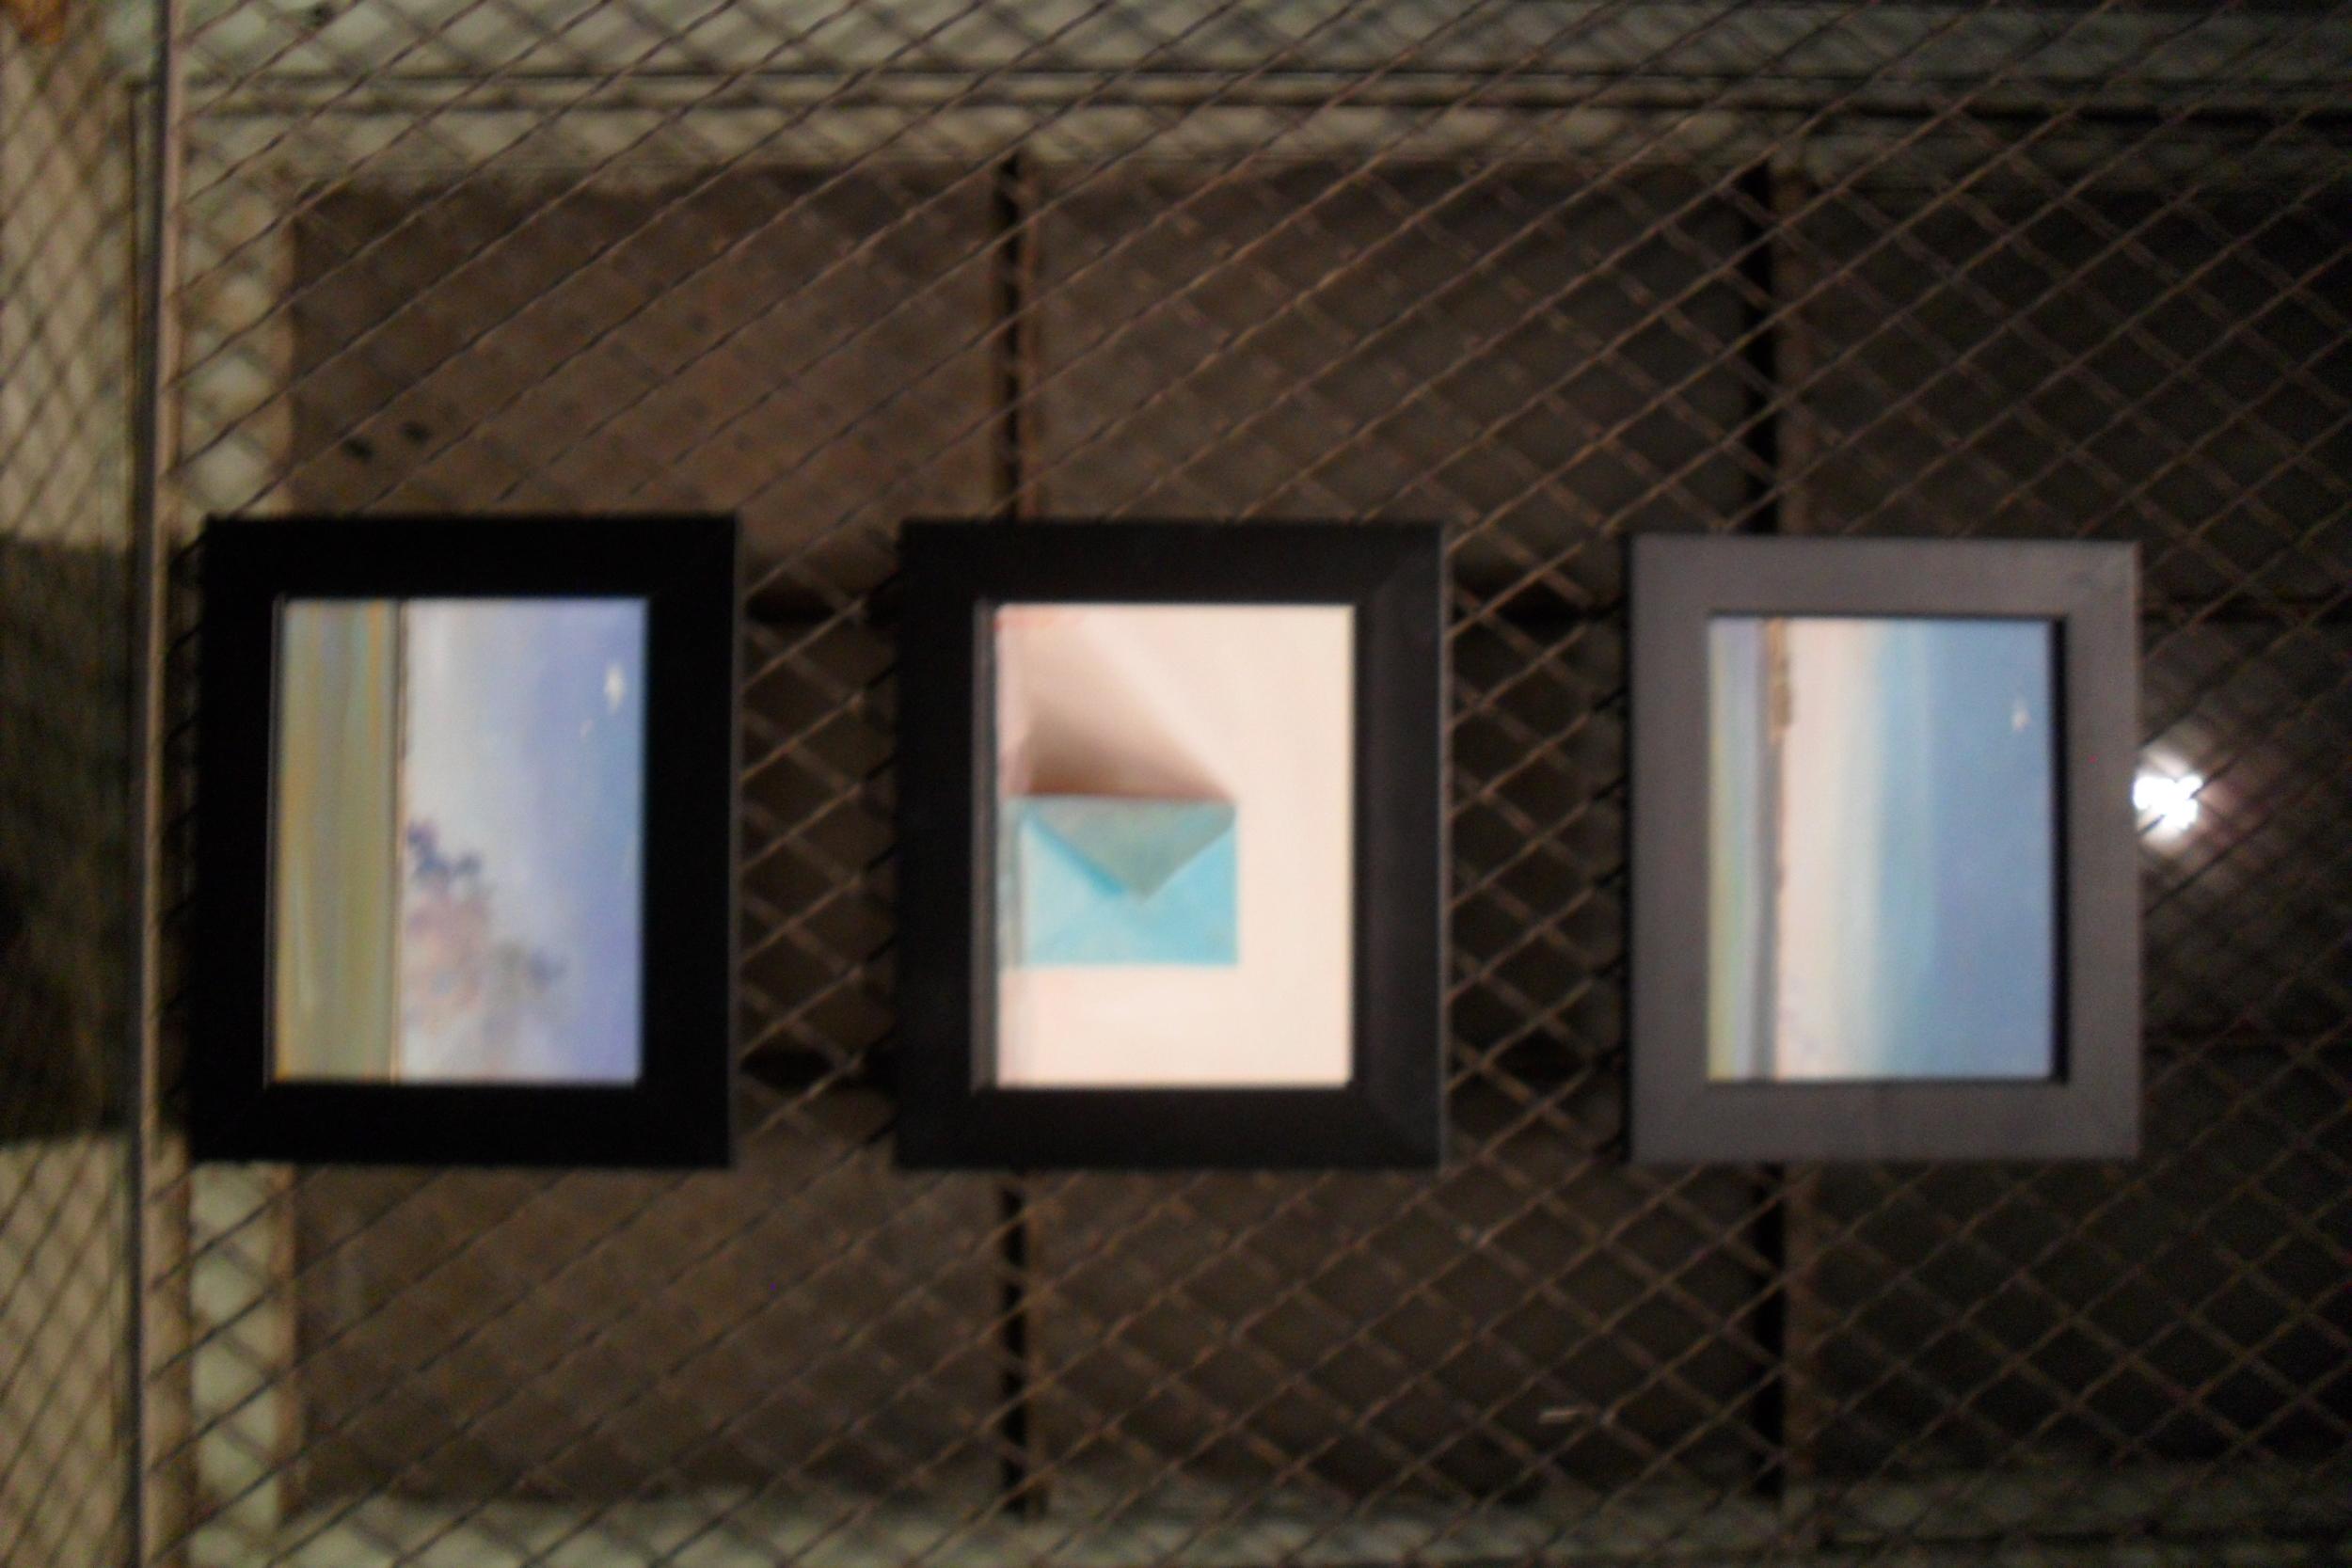 brown-3 paintings.JPG